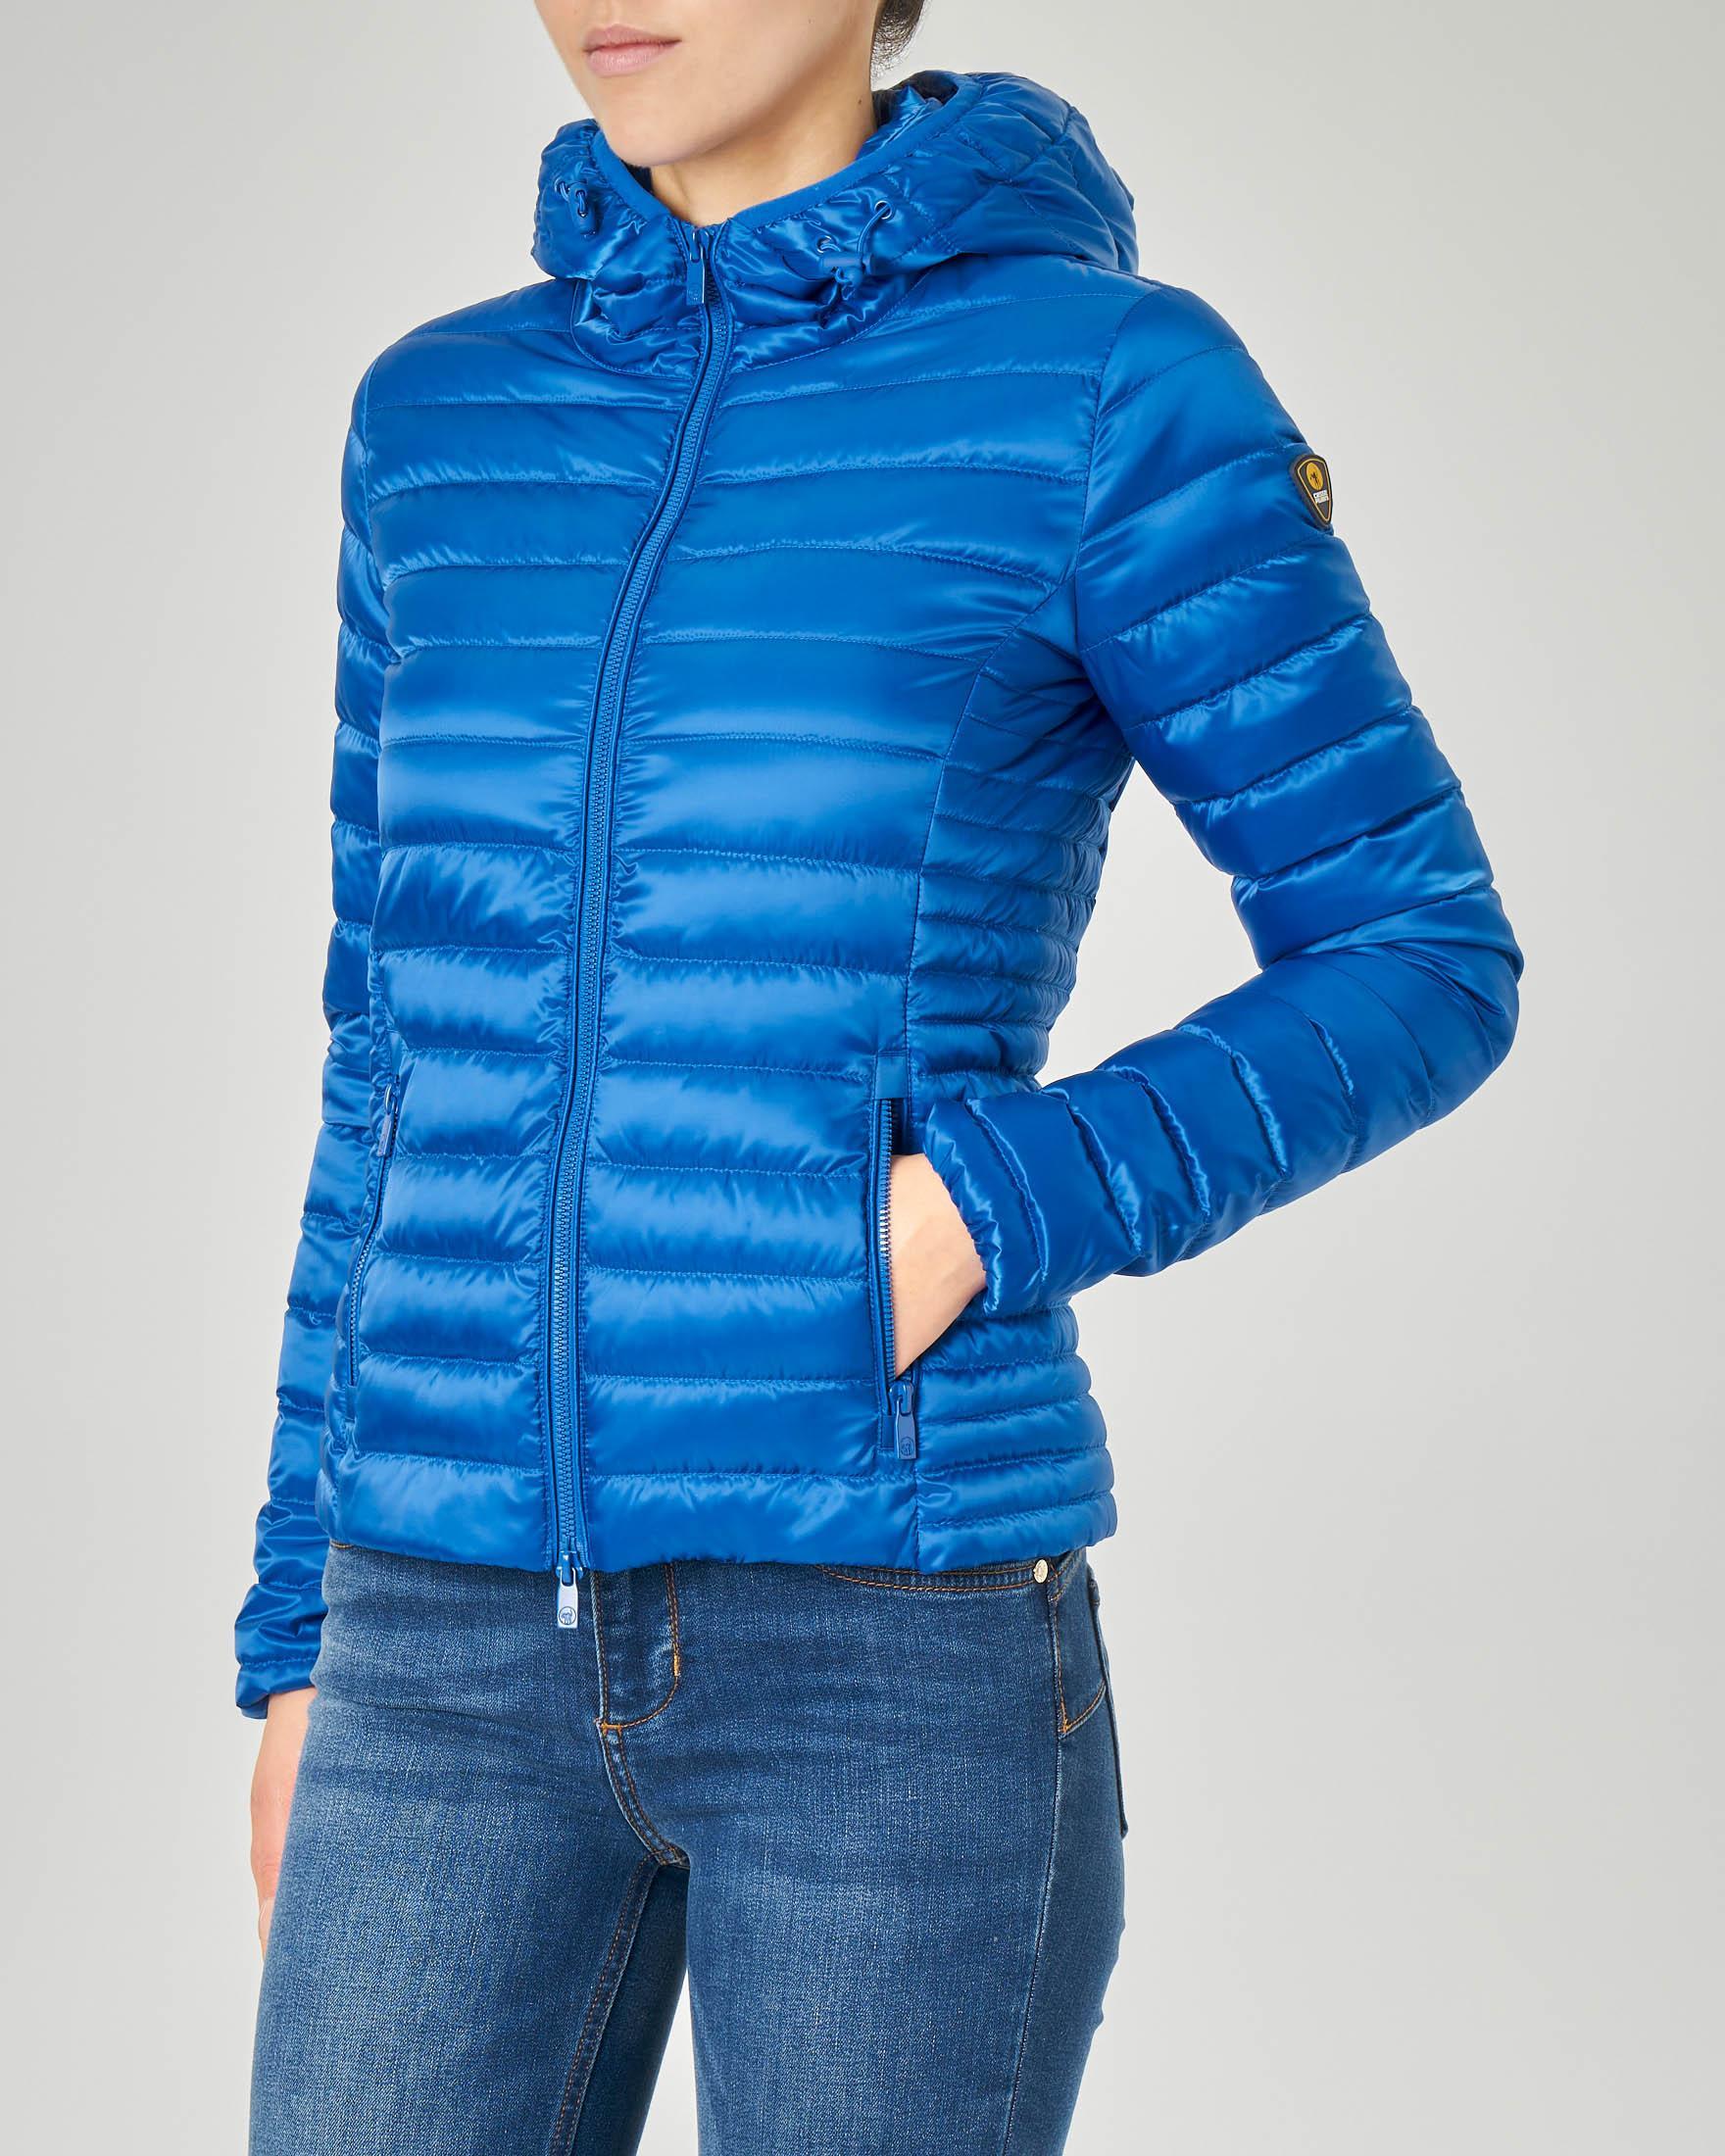 Piumino leggero con cappuccio colore blu china e tessuto effetto lucido